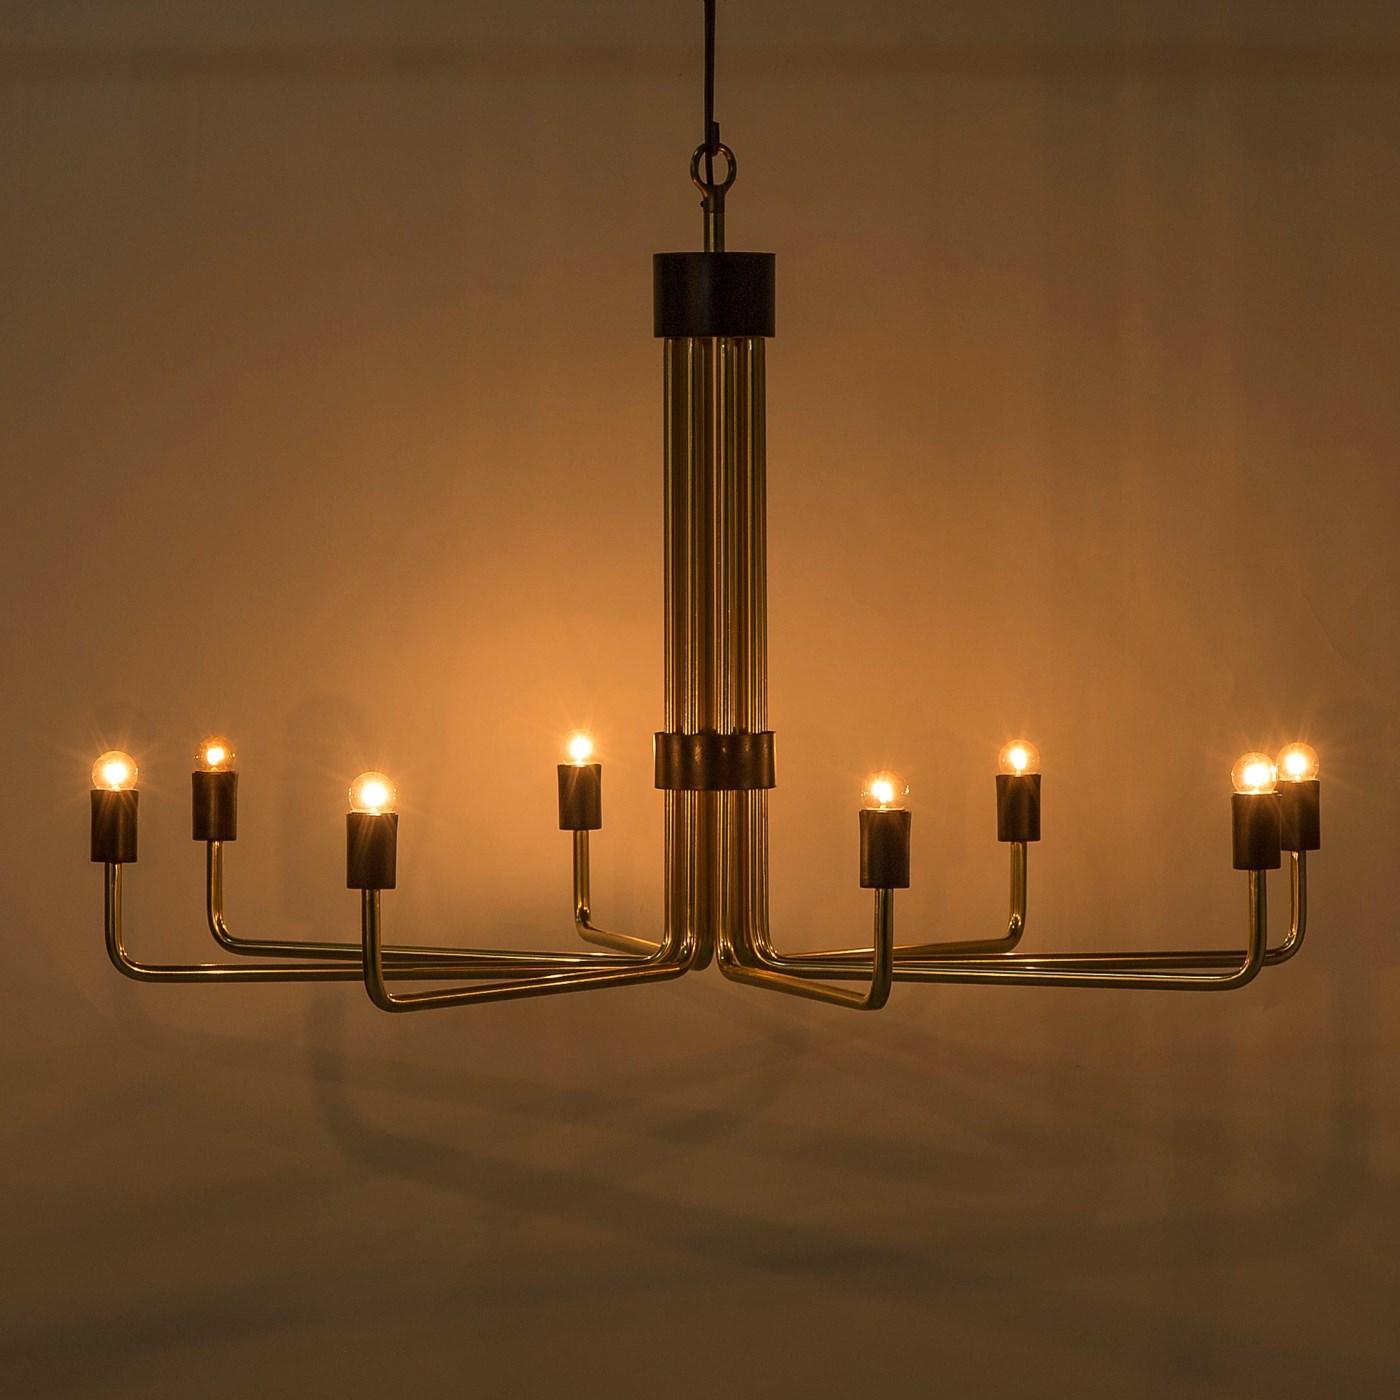 Le Marais Chandelier - 8 Light / Brass / 120v US